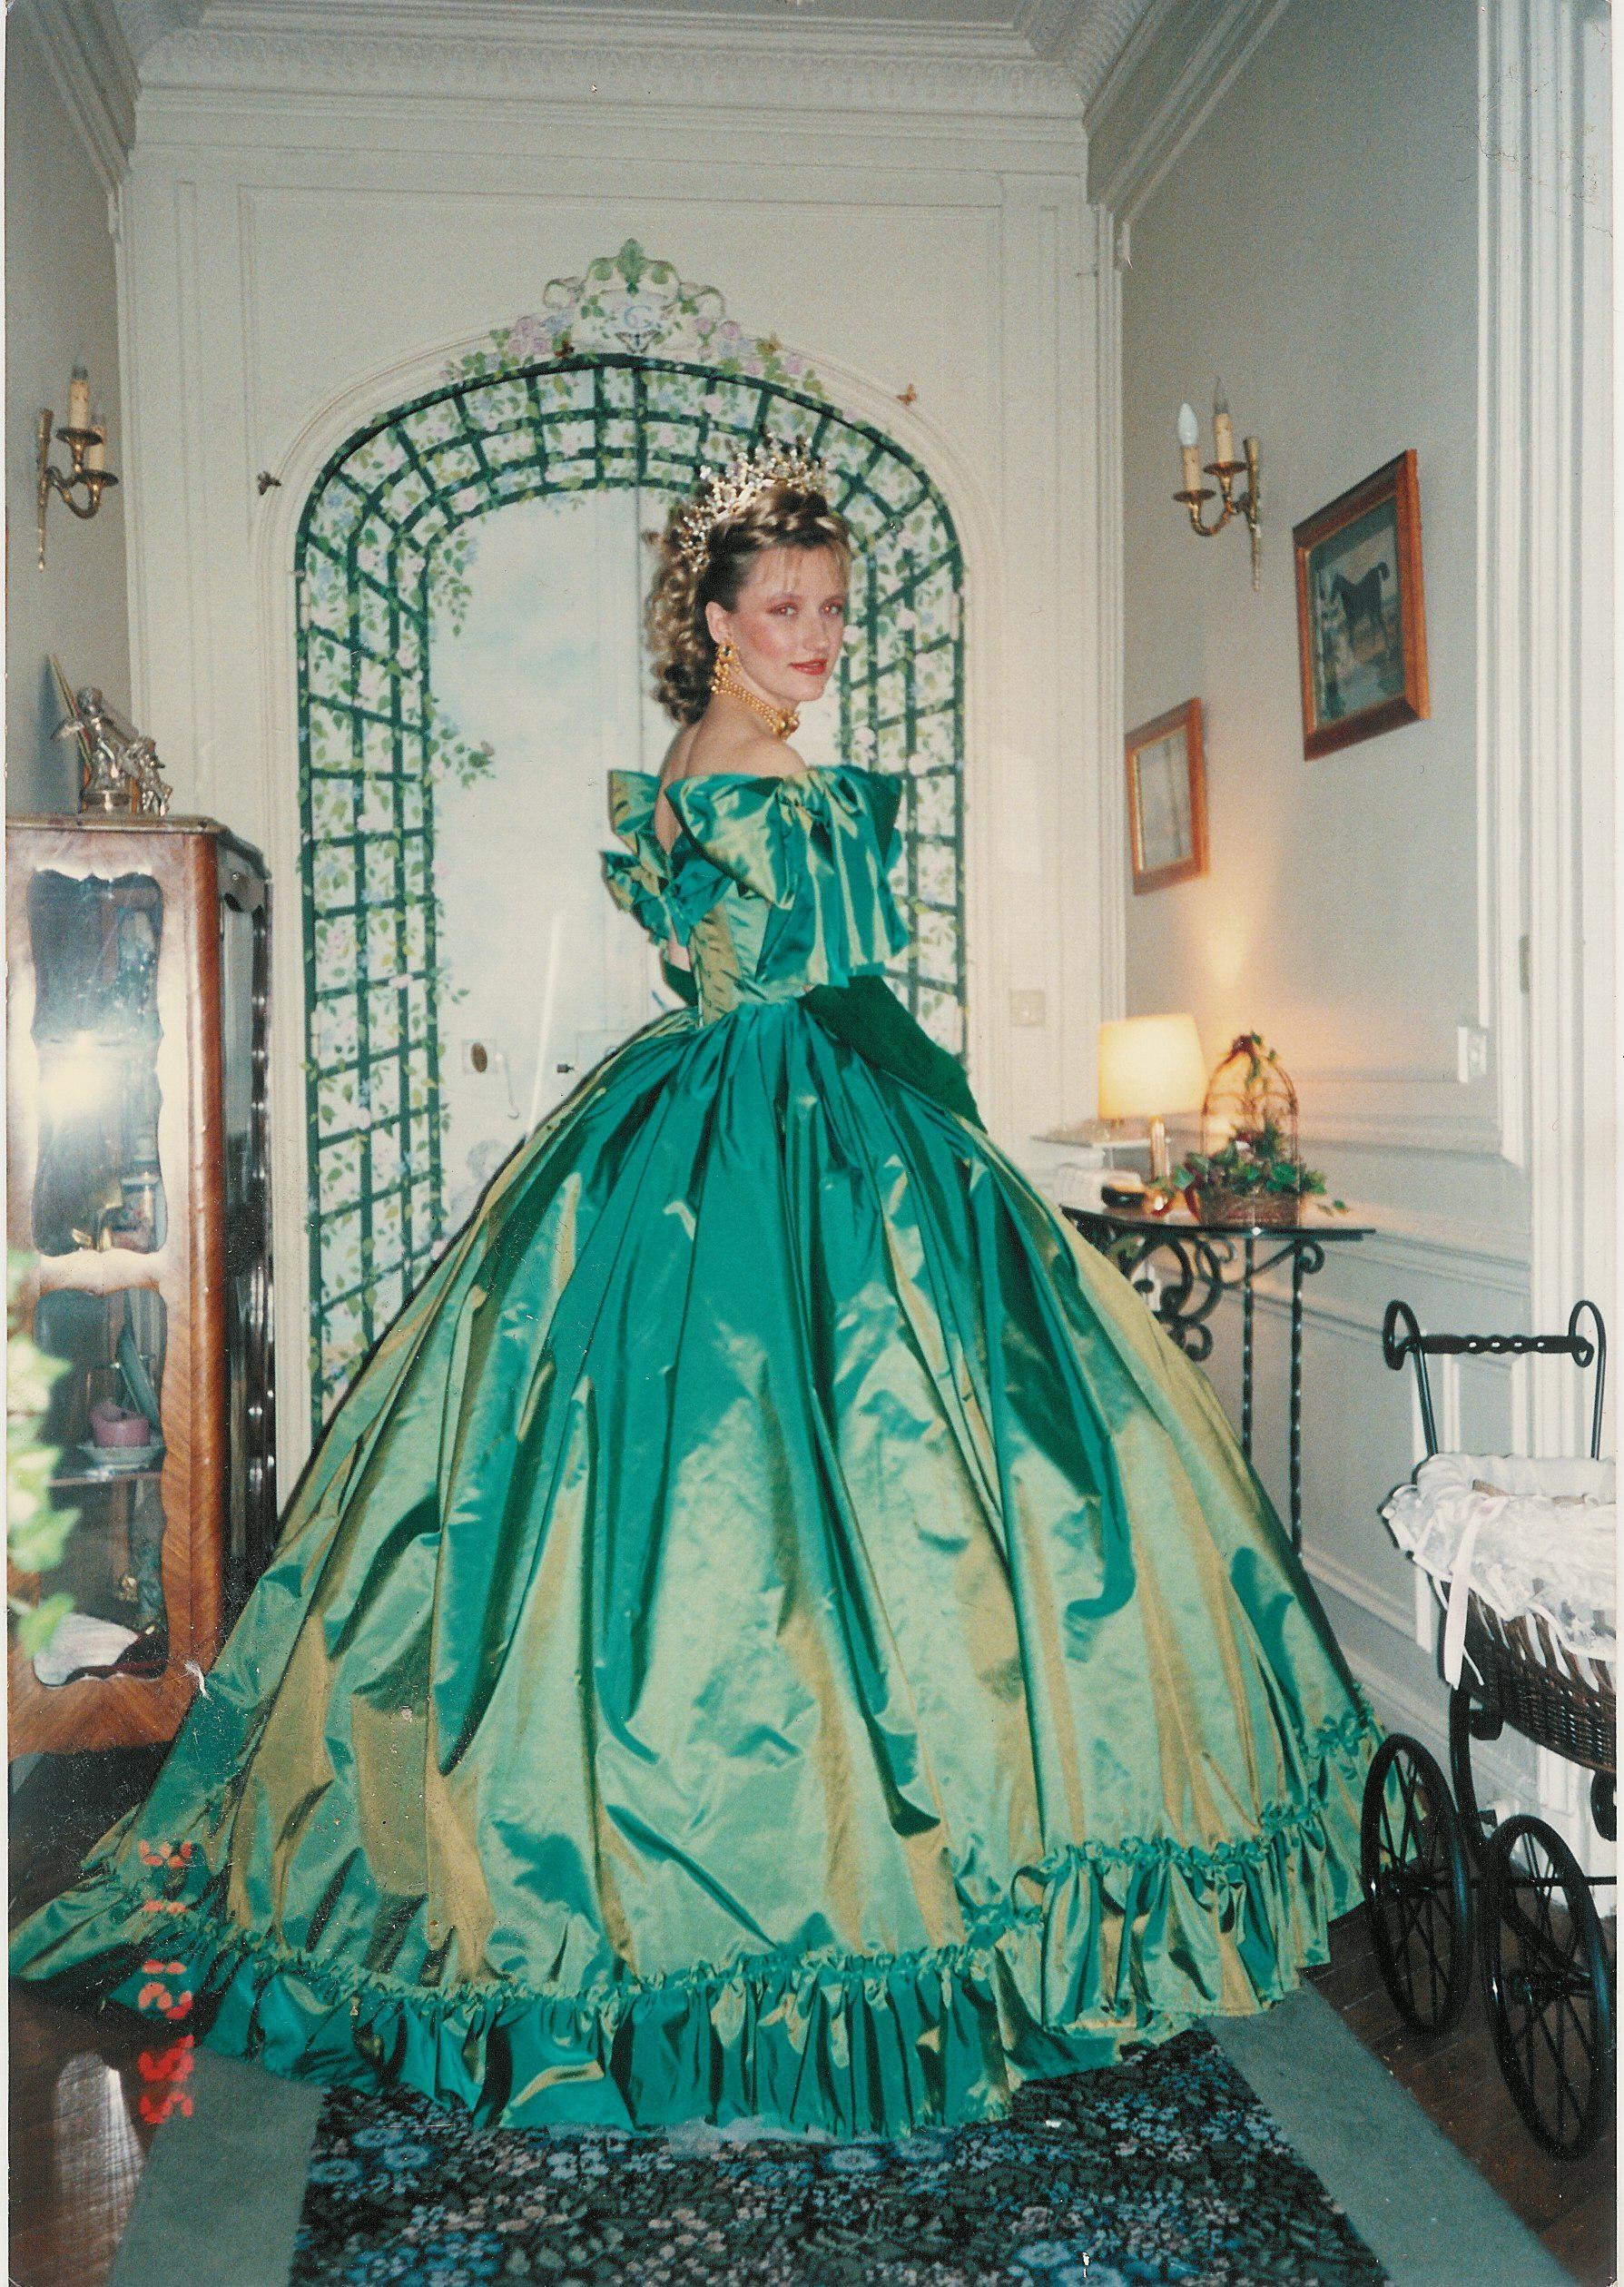 Robe Napoléon III en taffetas vert crinoline